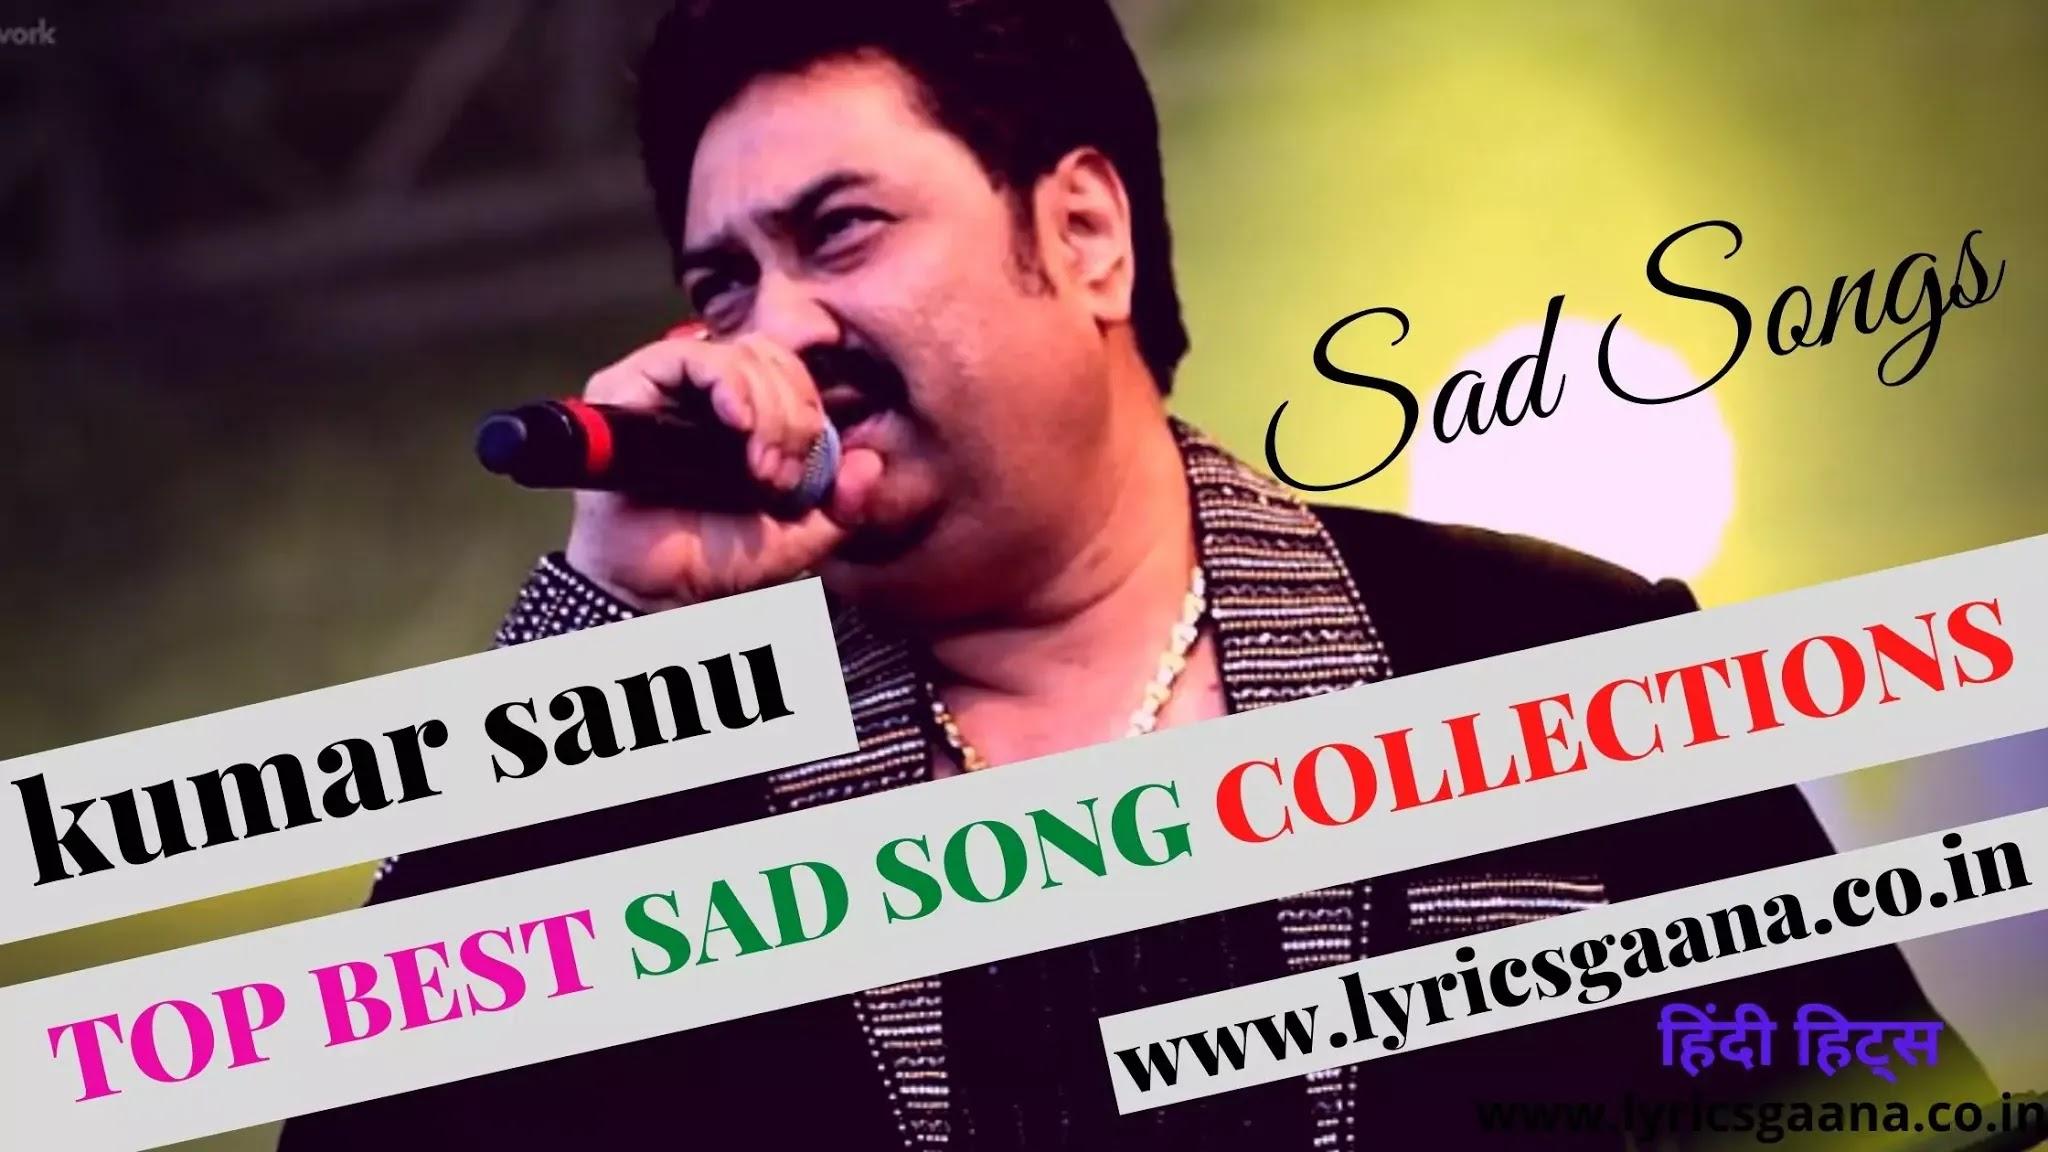 Kumar Sanu Sad Songs Collection | Hindi Sad Song Mp3